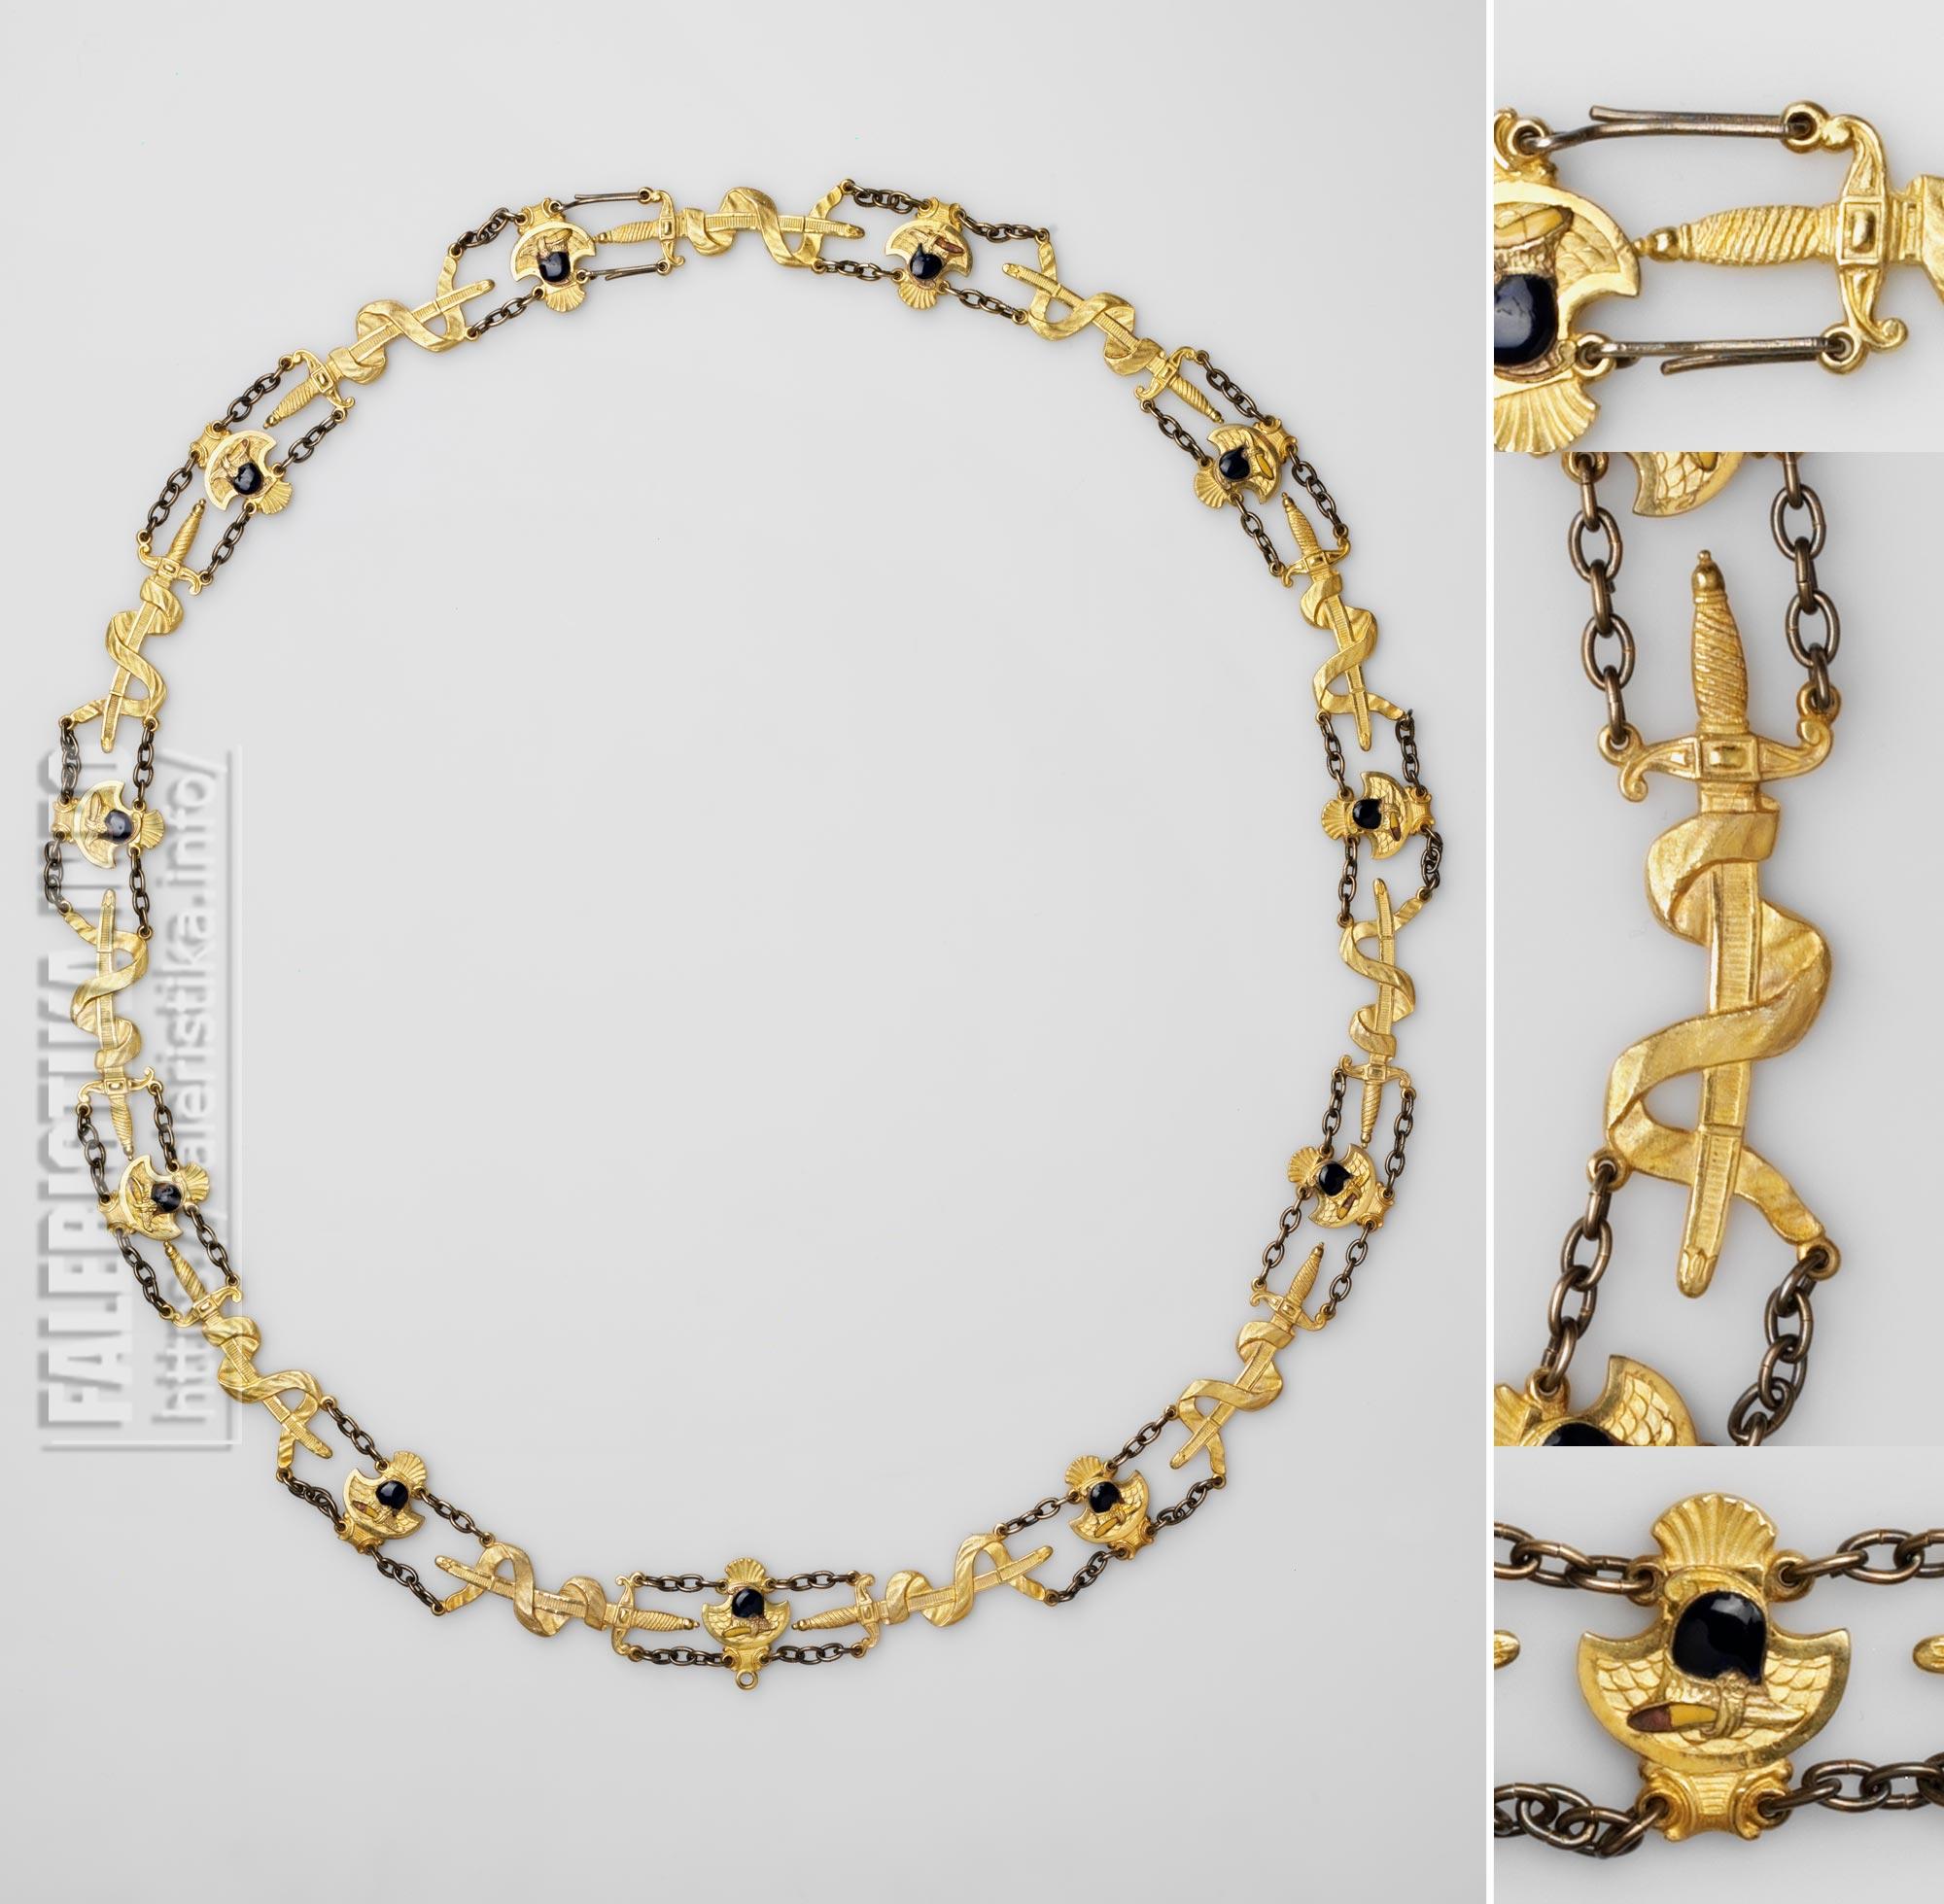 Орден Меча. Цепь. Аверс. Учрежден в 1748 г.